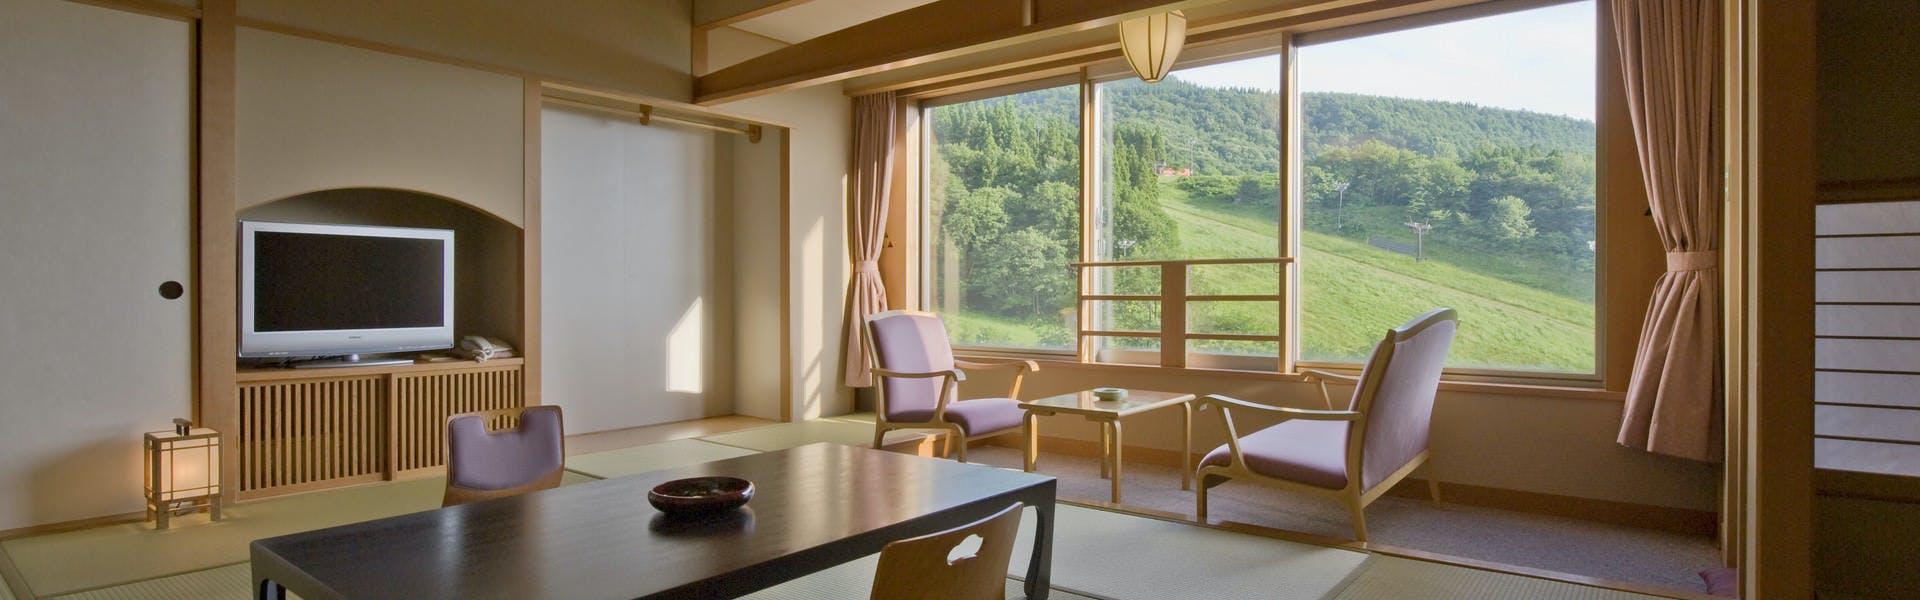 記念日におすすめのホテル・八右衛門の湯 蔵王国際ホテルの写真2